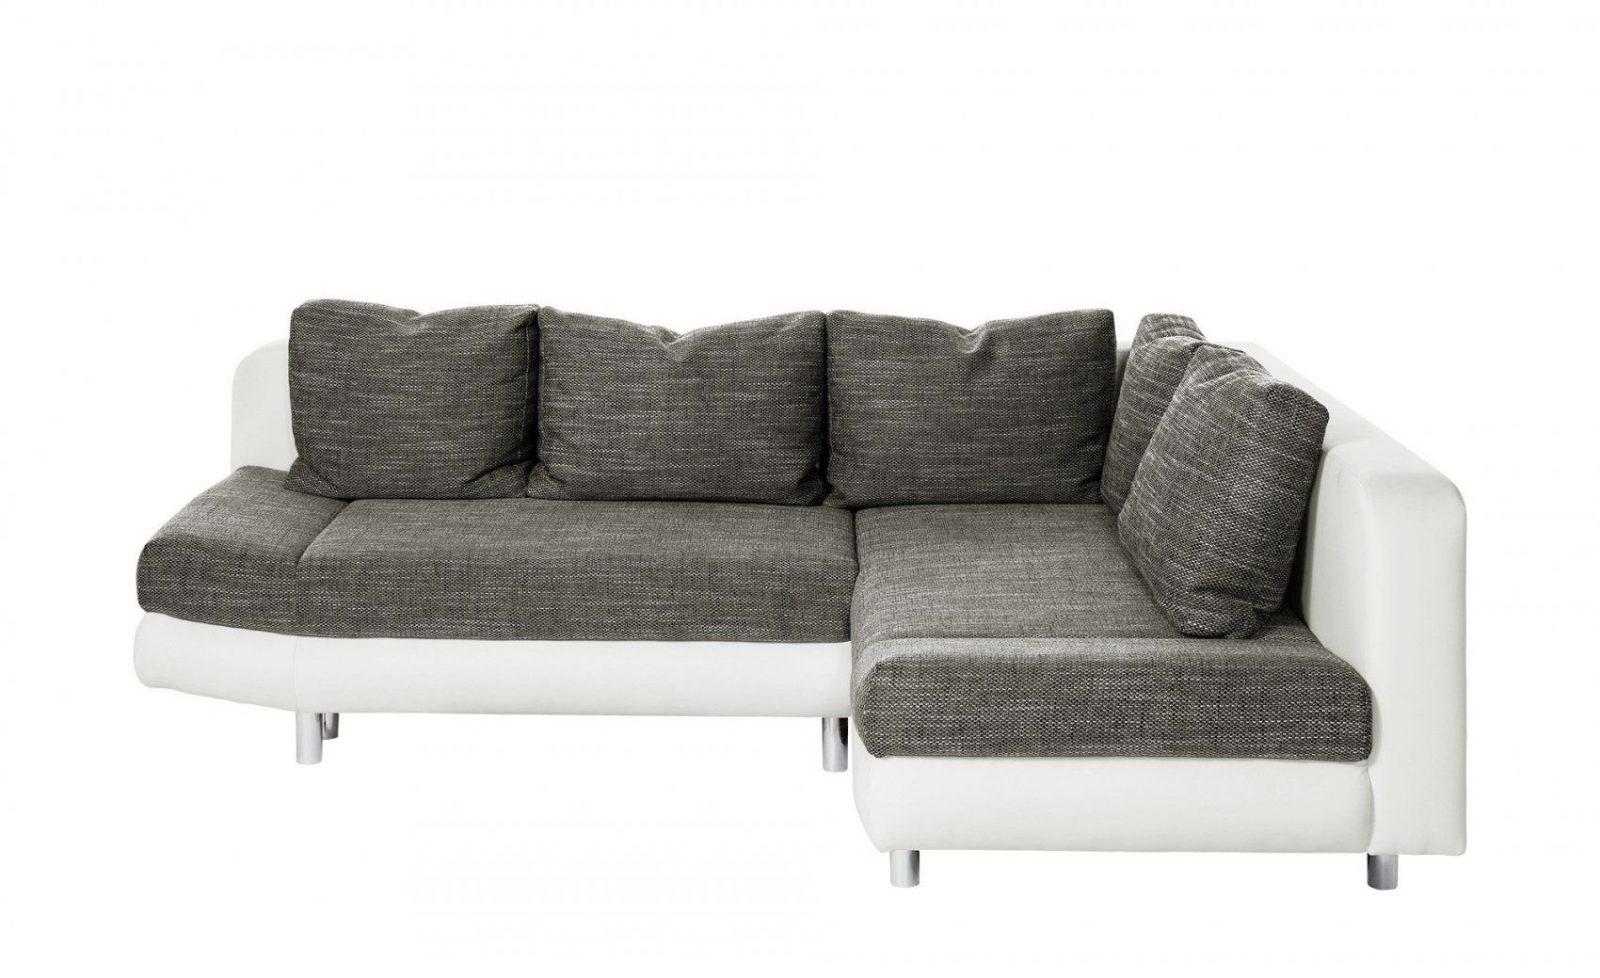 Wunderschöne Gemütliches Sofa Für Kleine Räume – Cblonline von Gemütliches Sofa Für Kleine Räume Photo